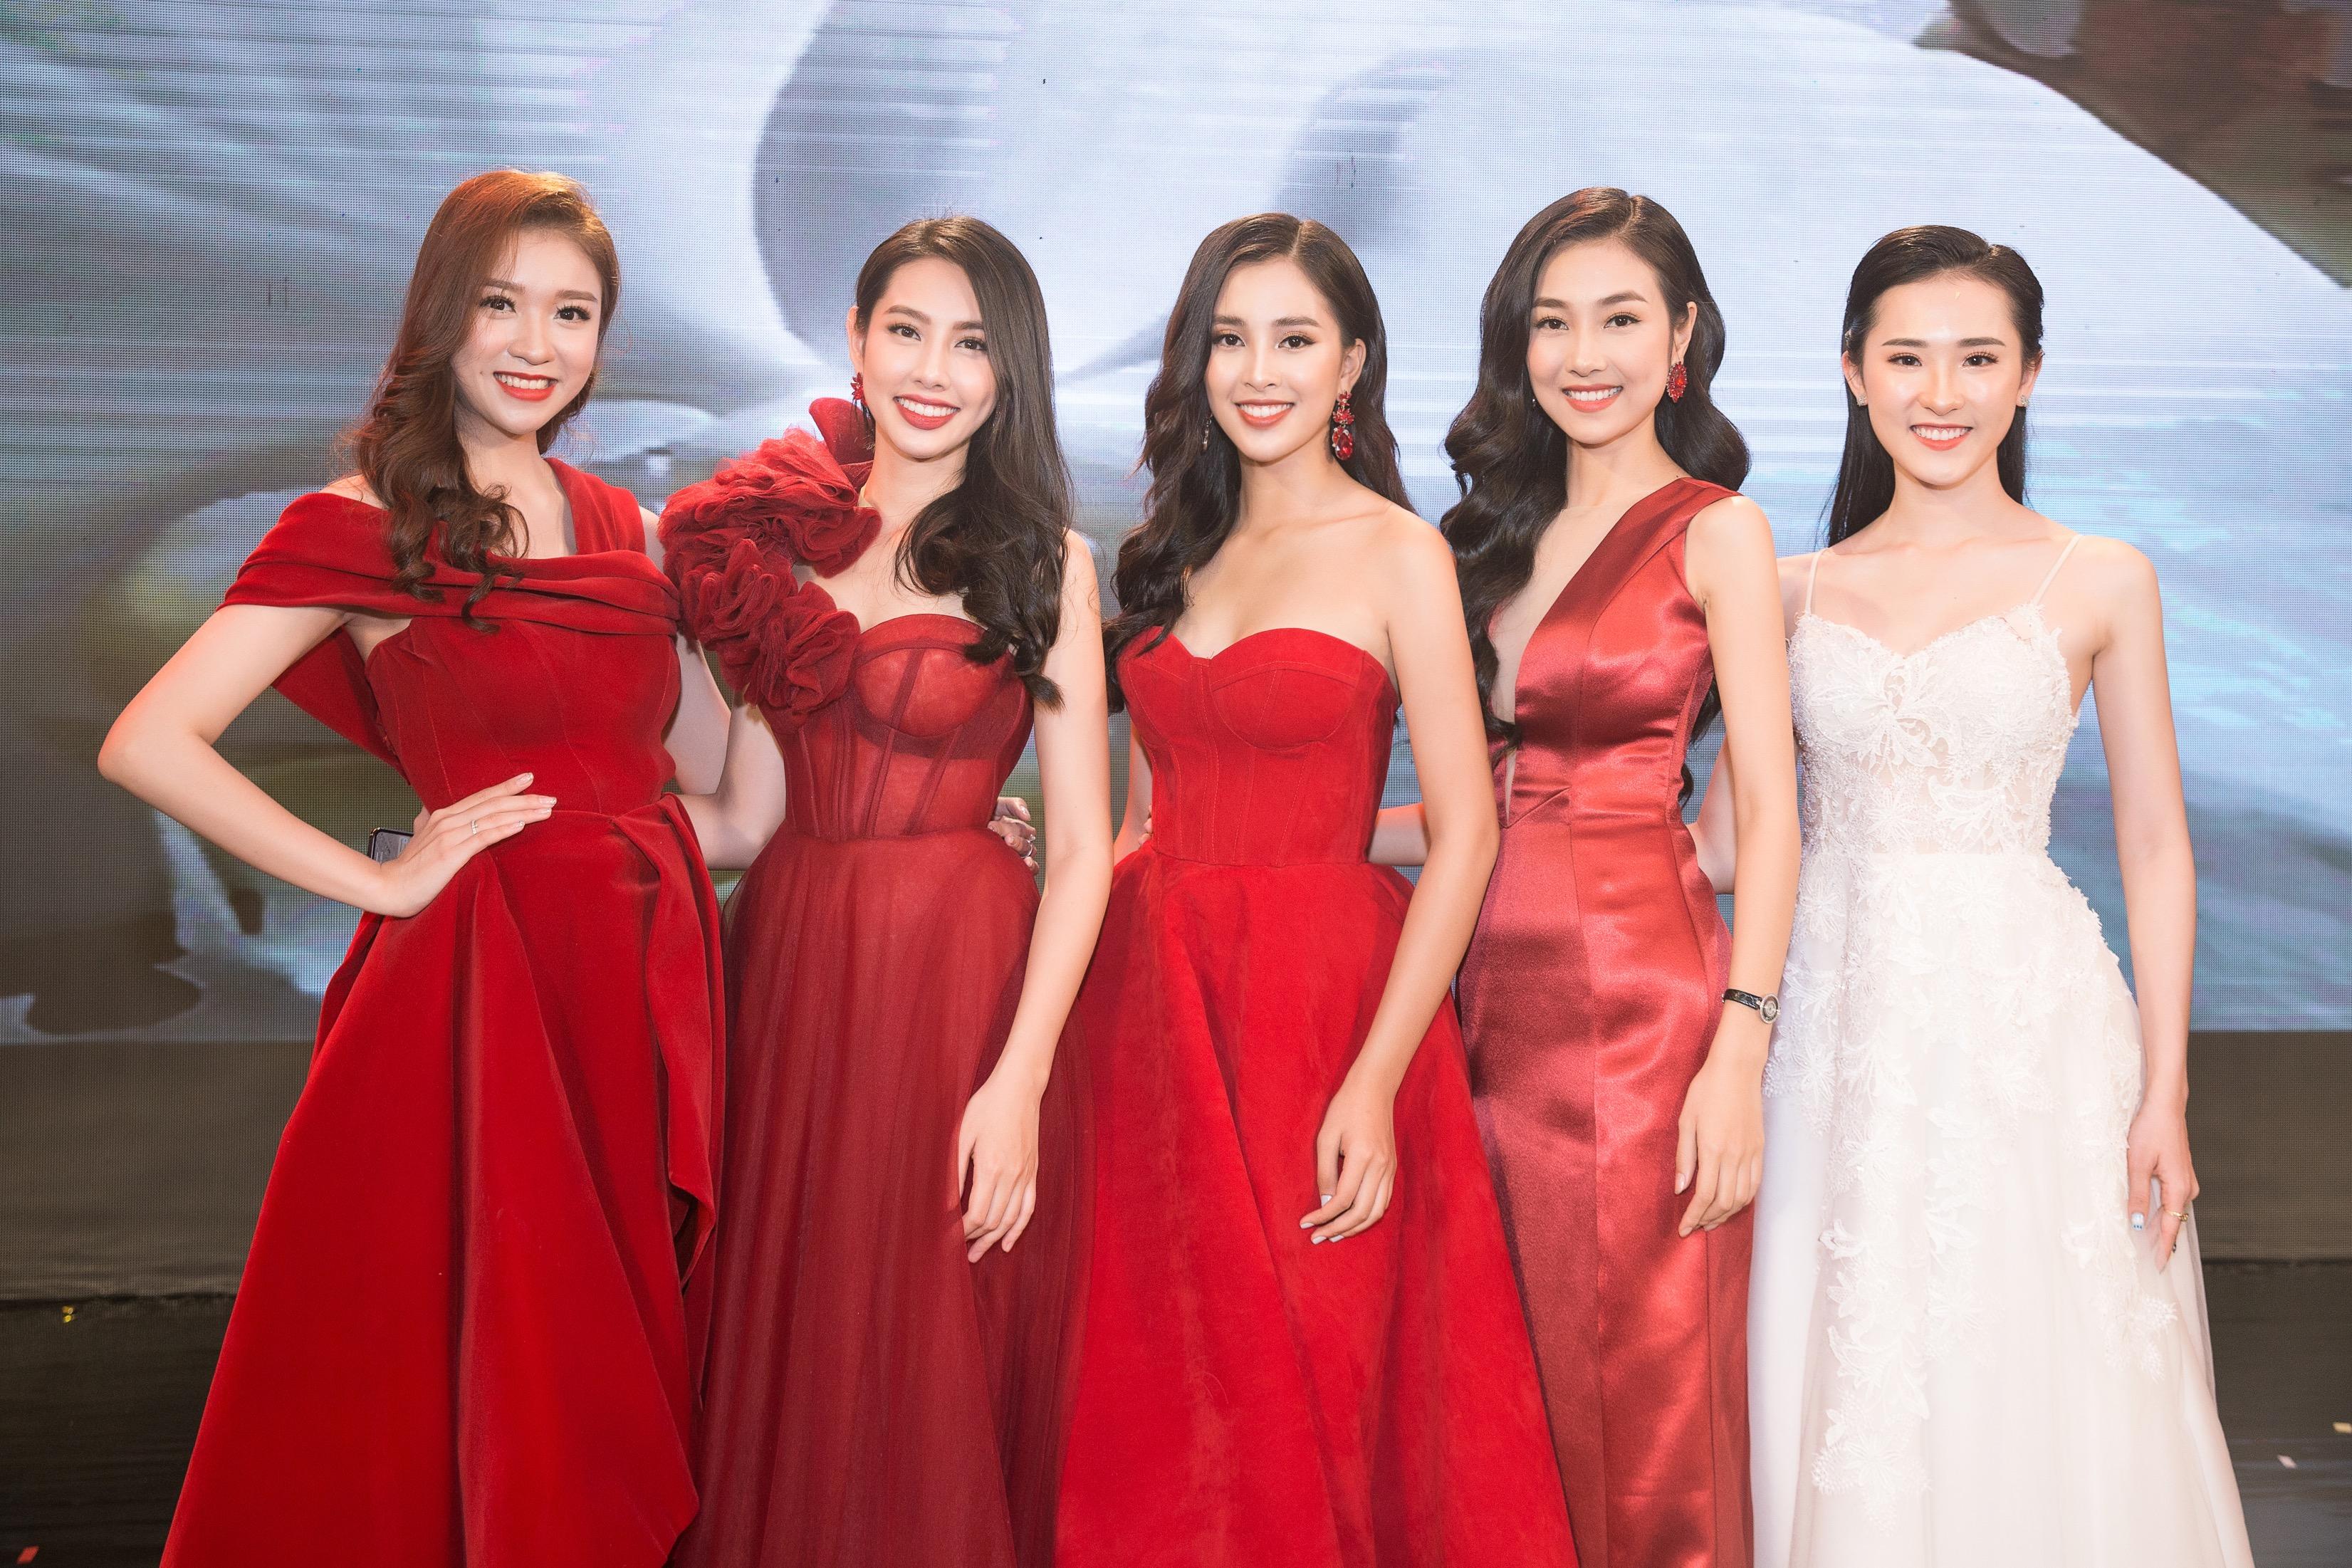 Hoa hậu Tiểu Vy mặc đầm cúp ngực quyến rũ khó tả Ảnh 8